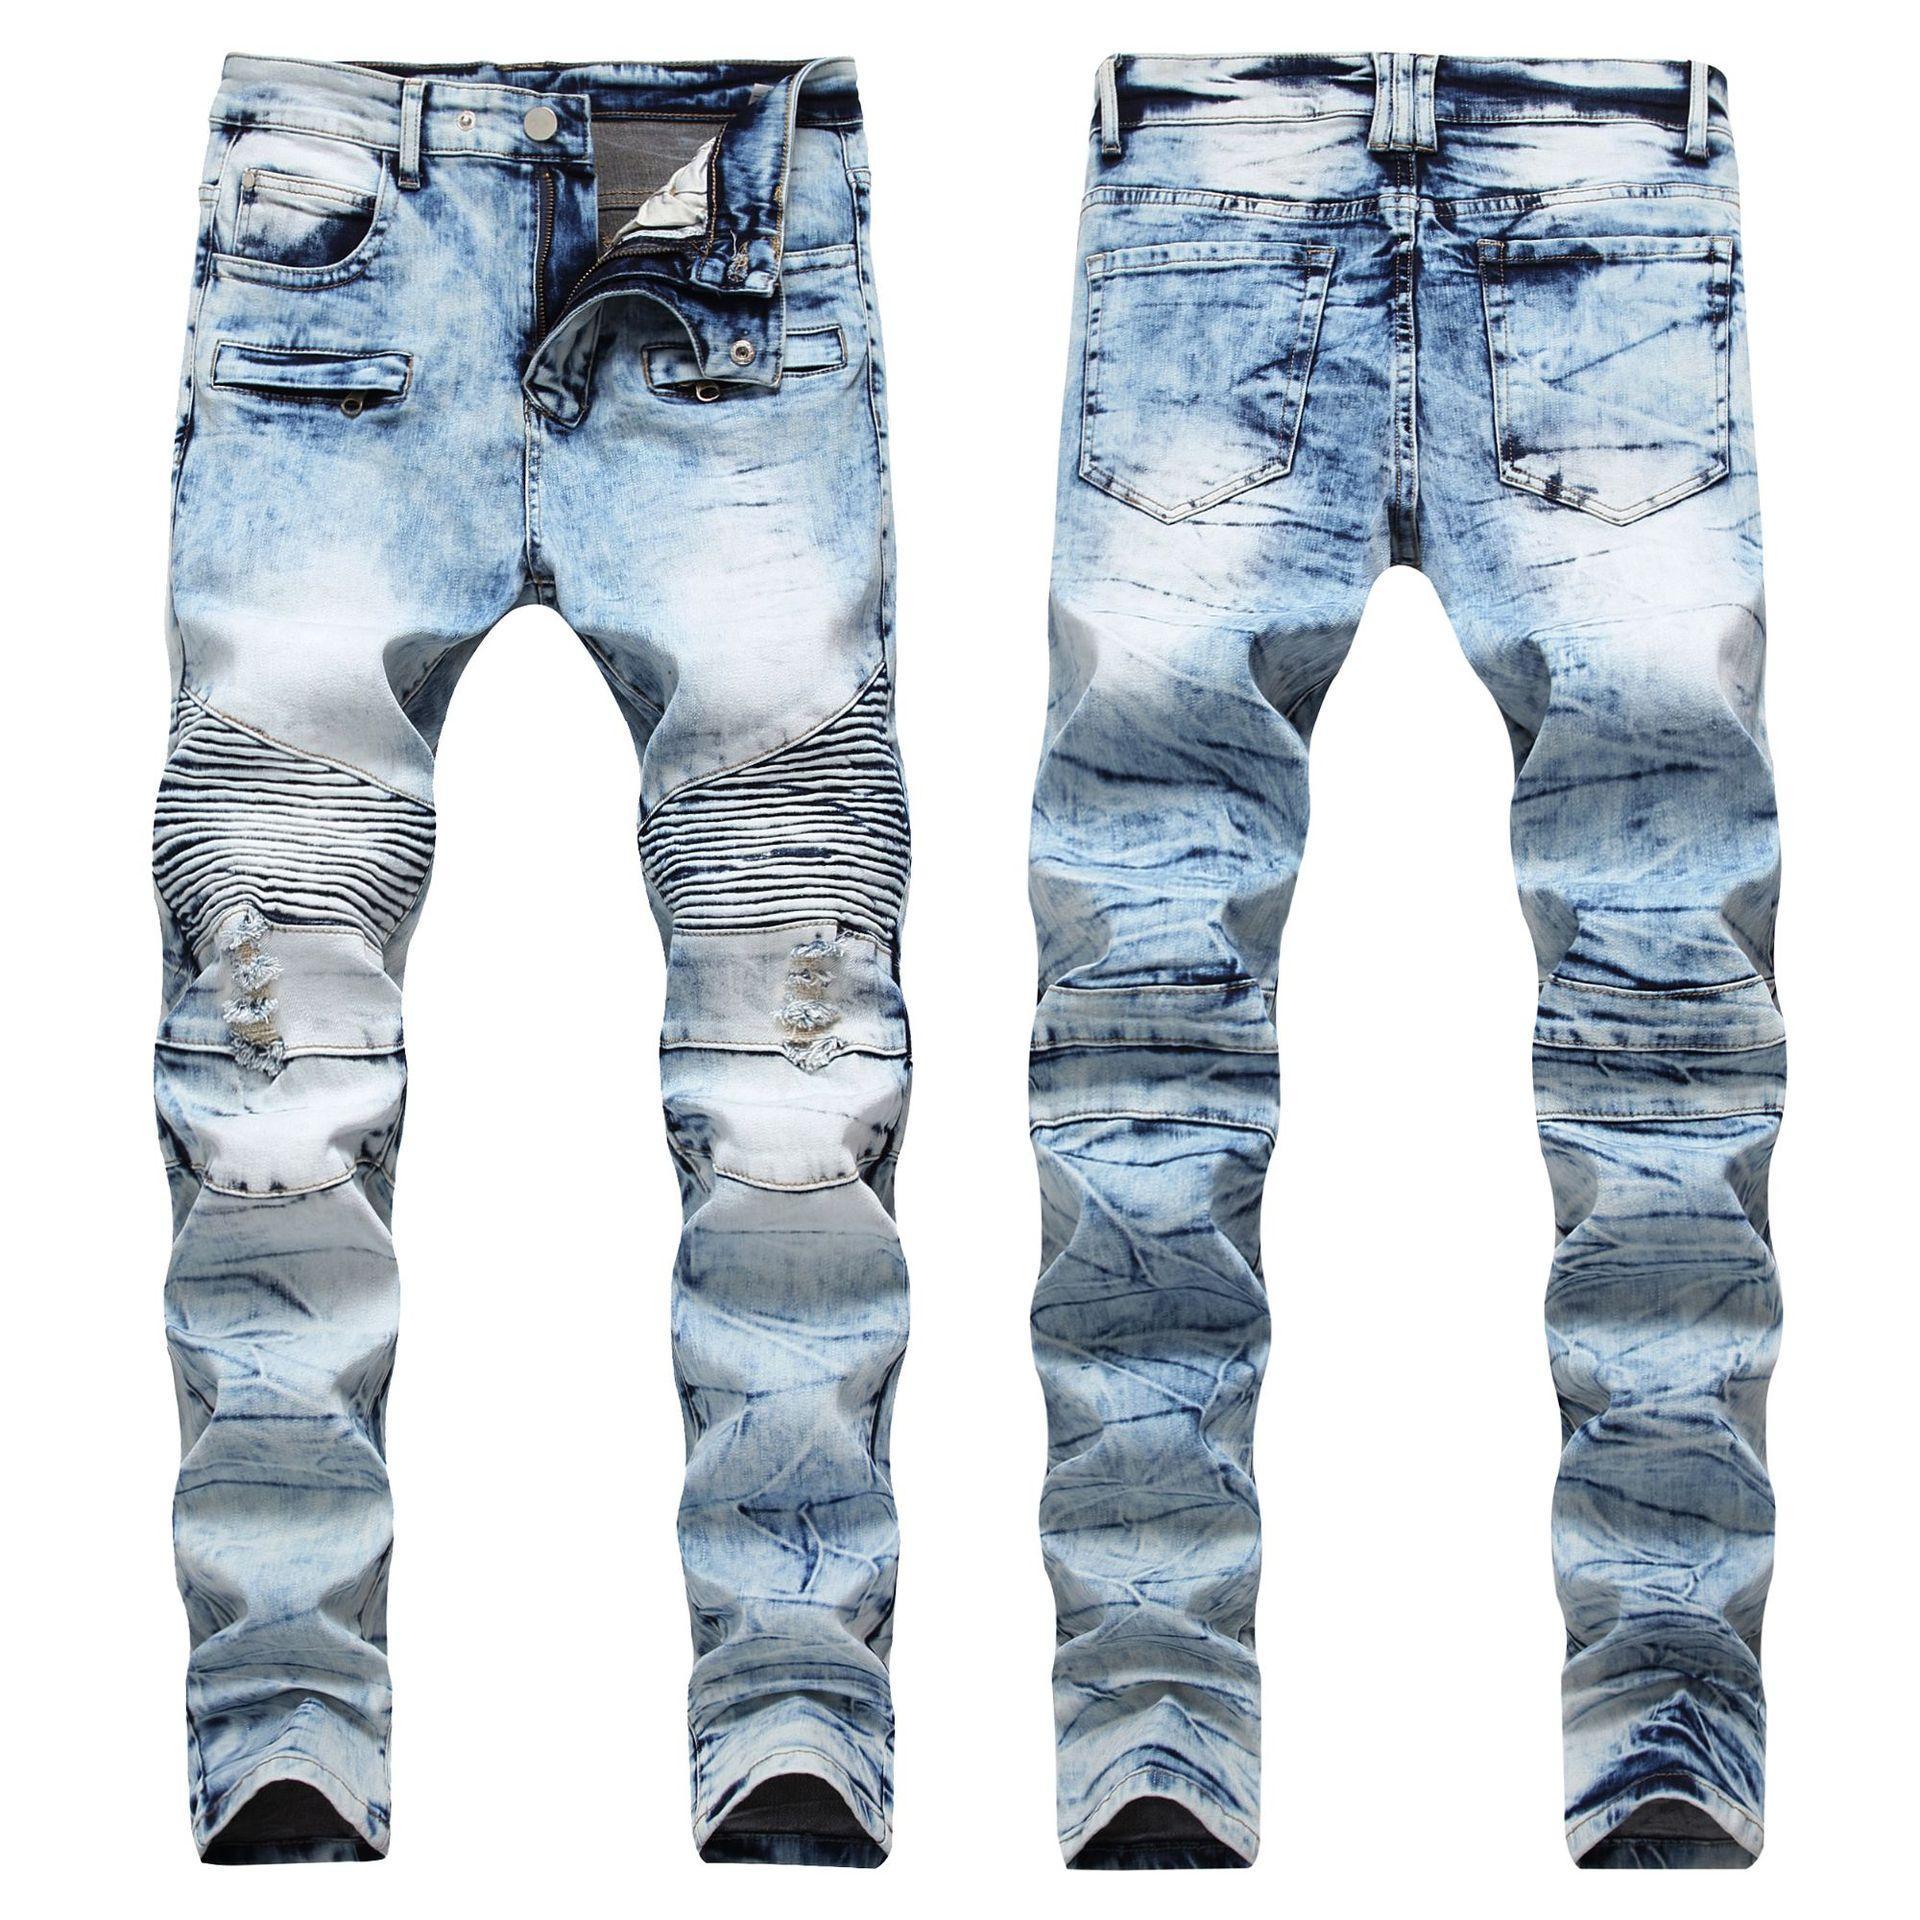 2018 neue europäische und amerikanische Herrenjeans gefaltete Fußhosen Herren gerader gezeigt Außenhandel Jeans